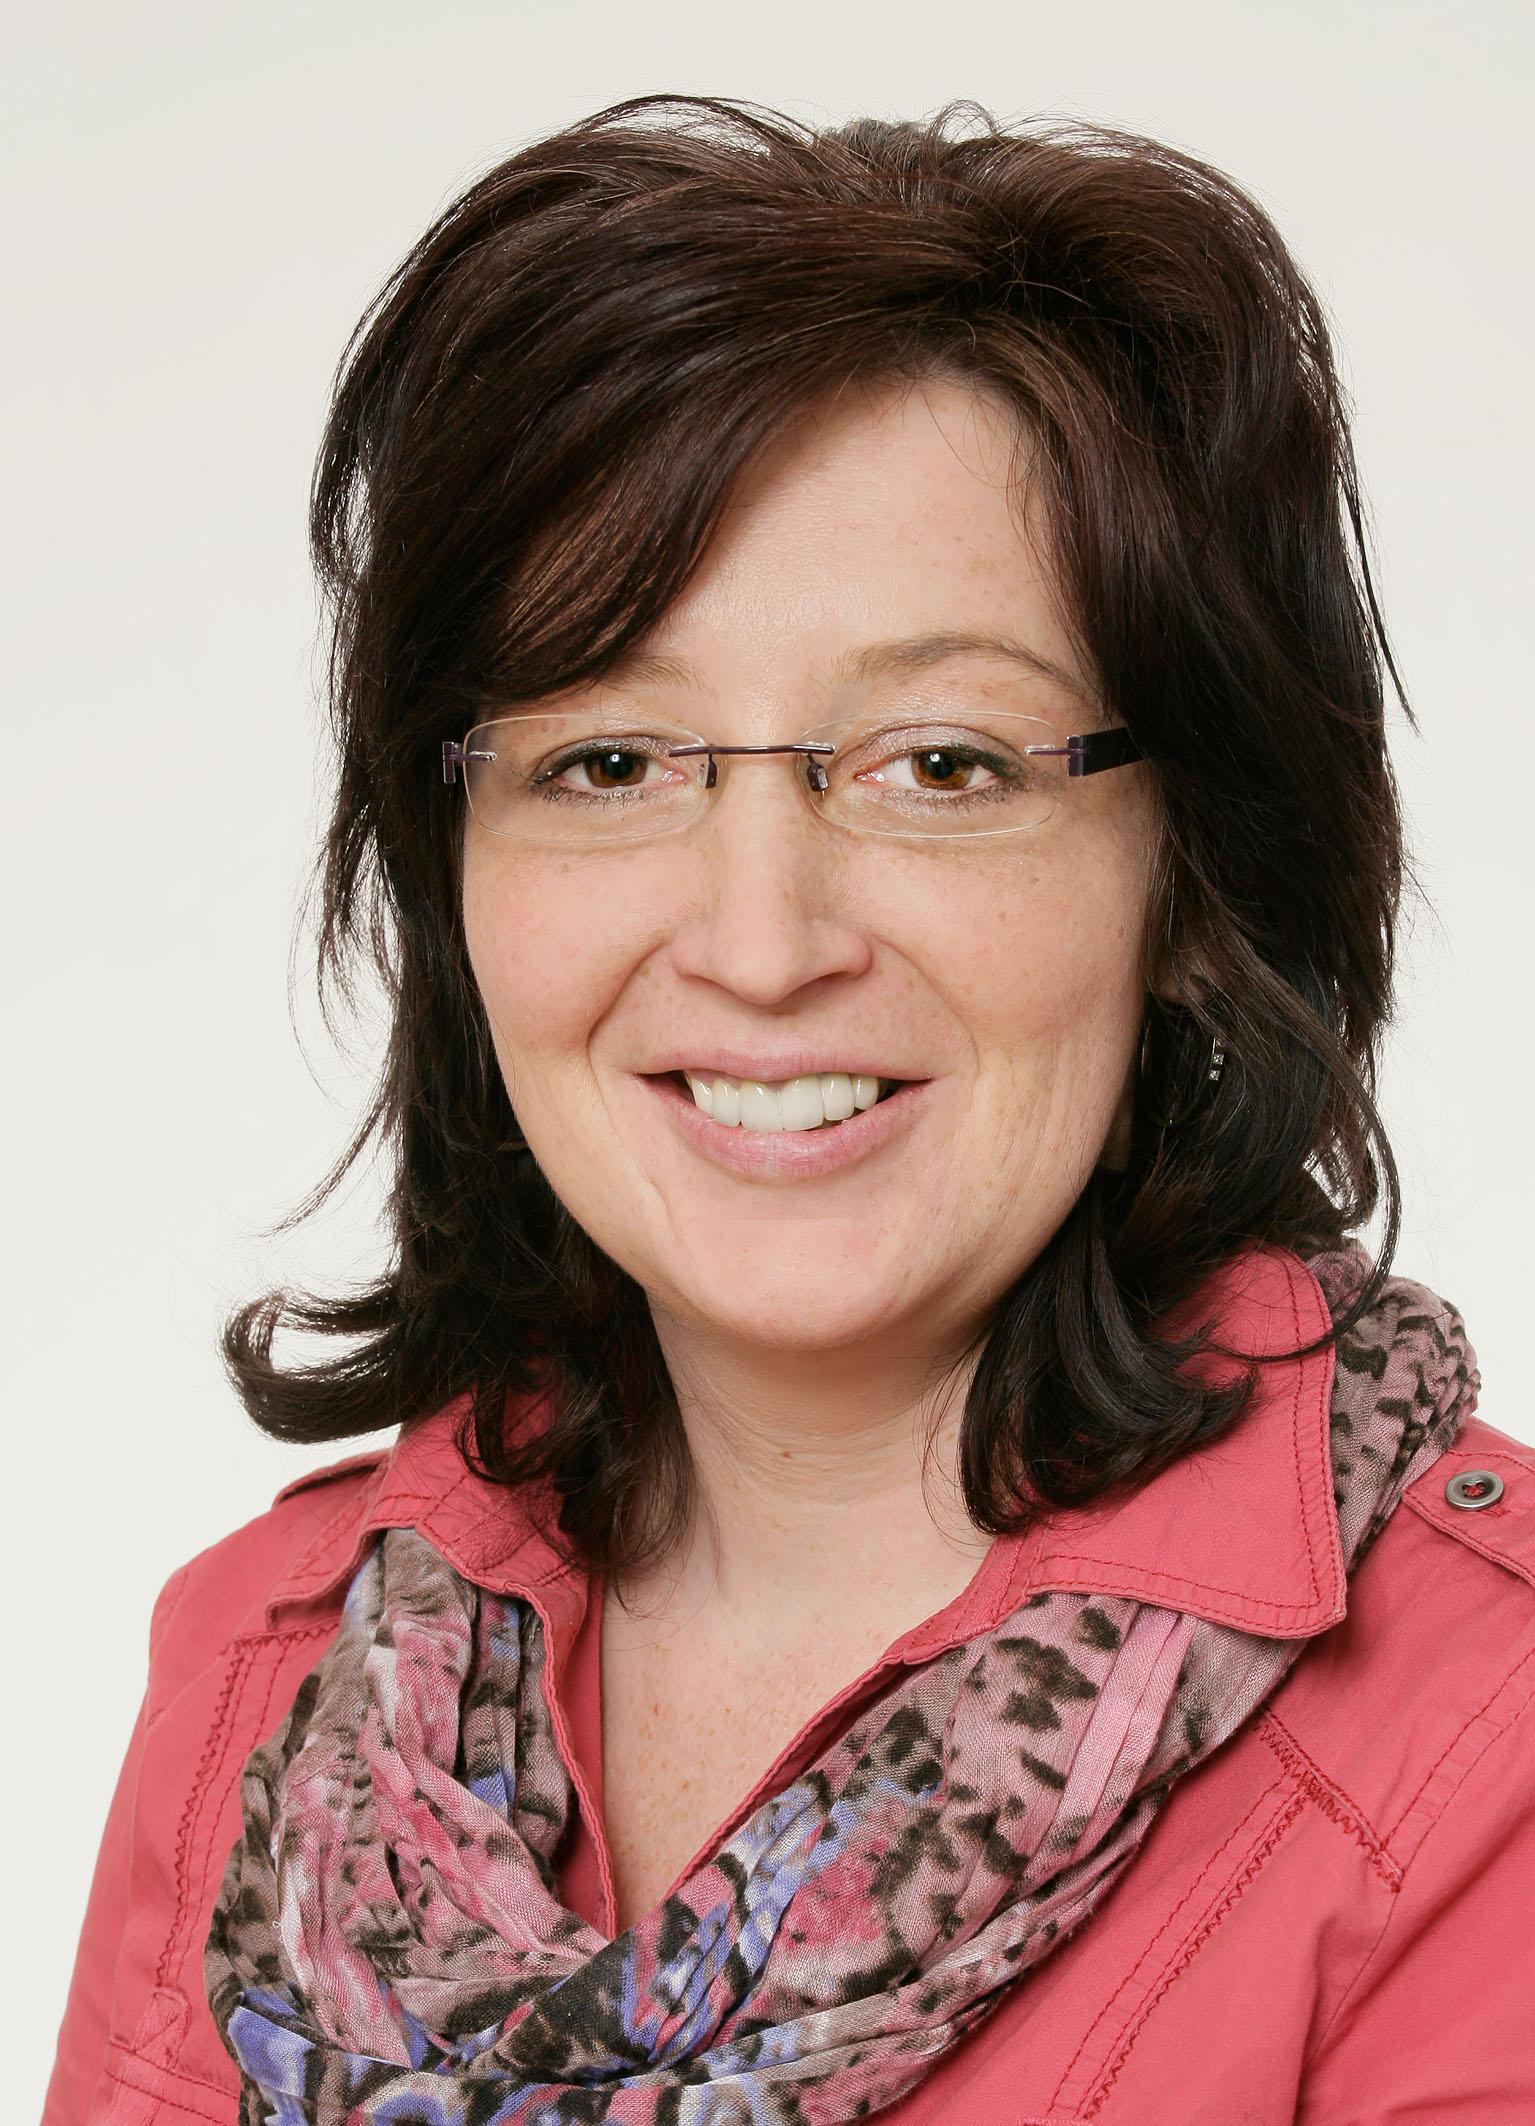 Yvonne Barsties Steuerfachangestellte WP-W